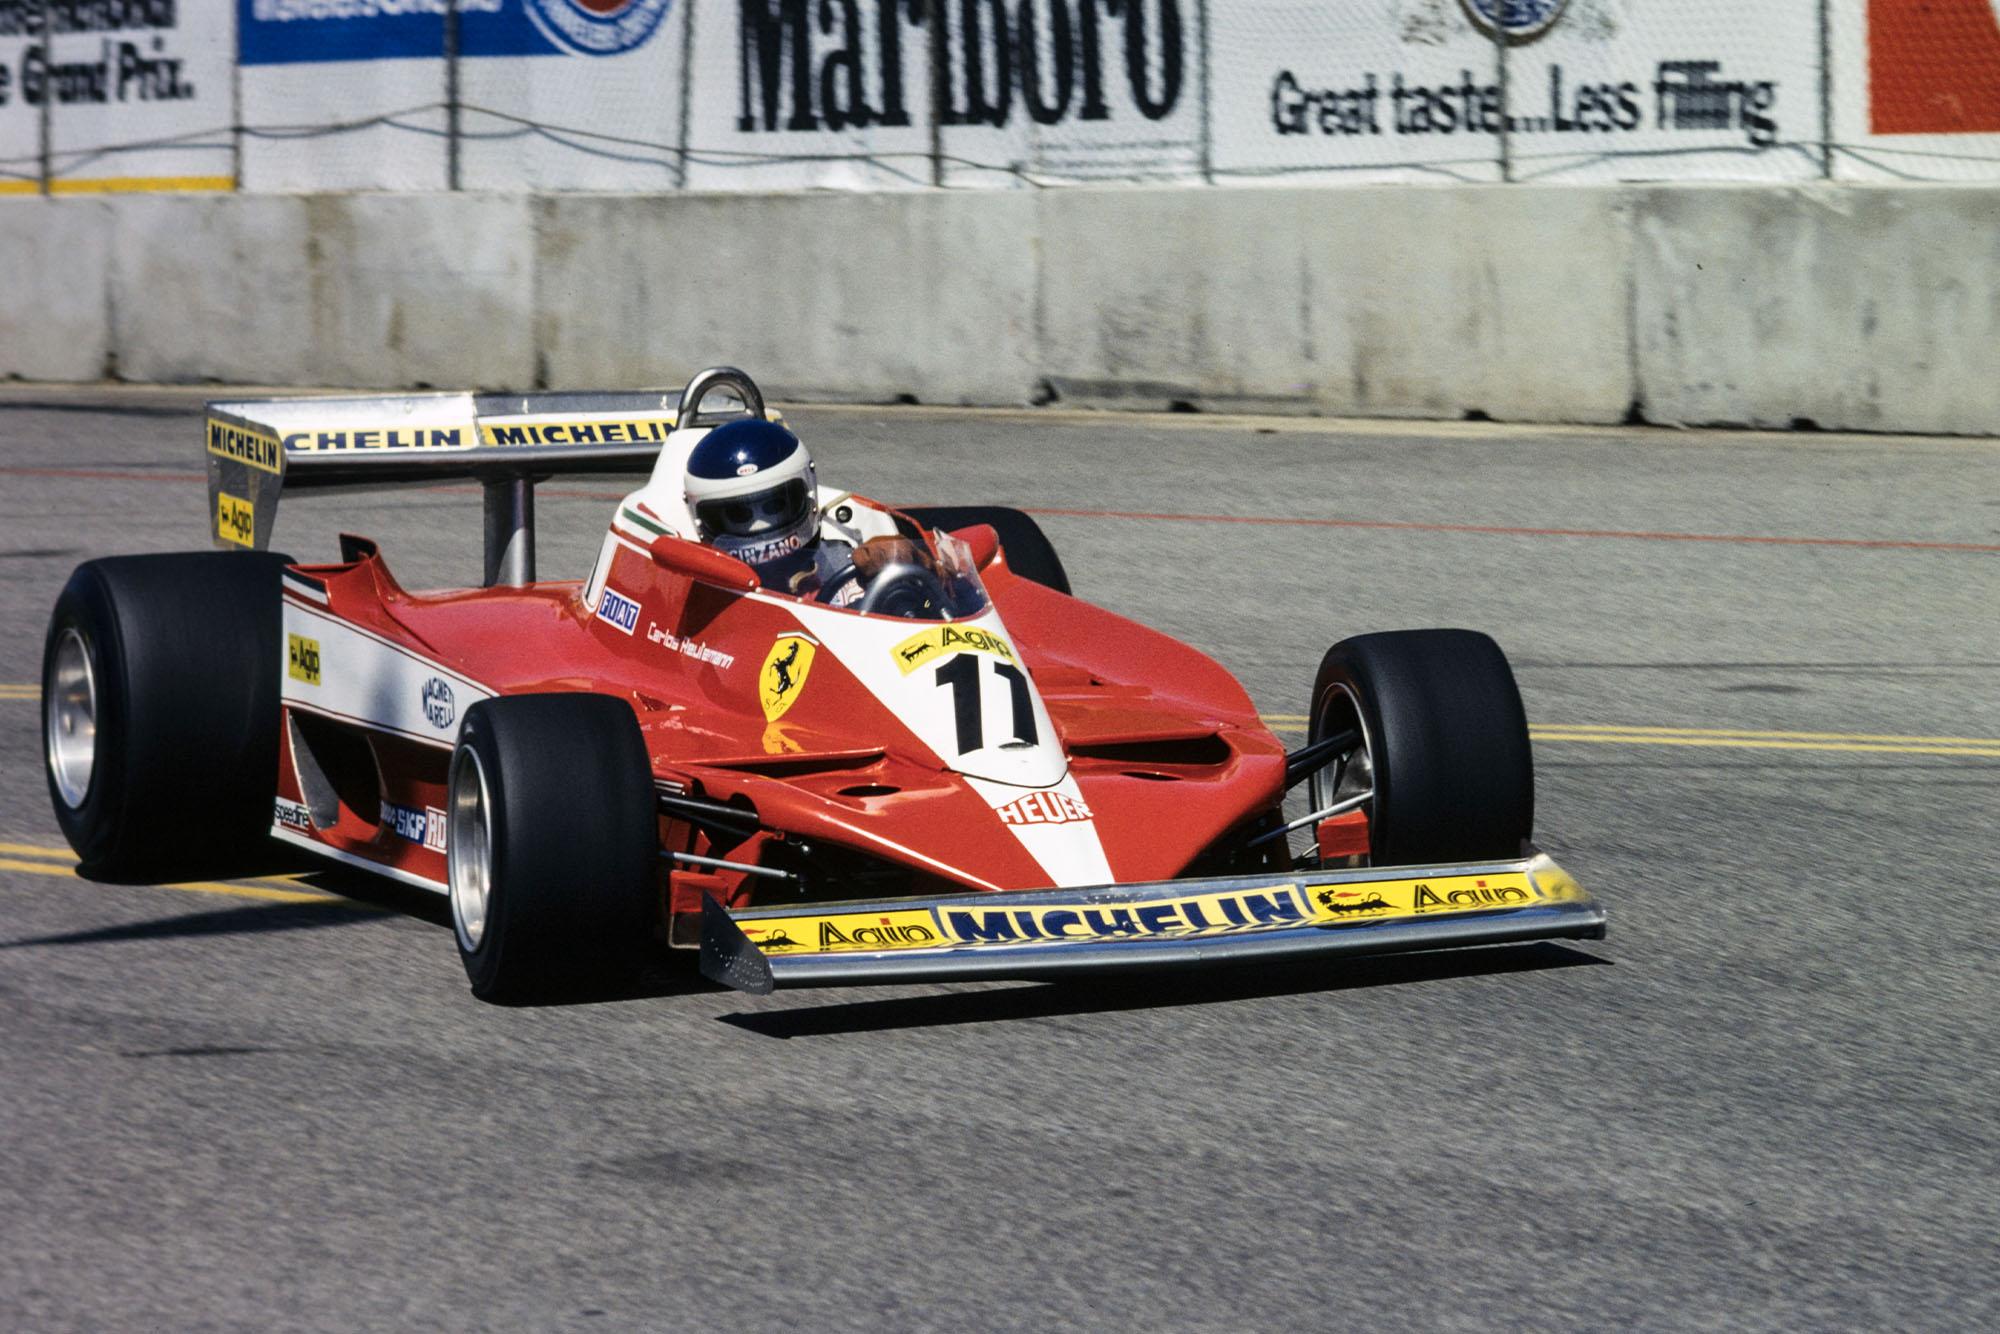 Carlos Reutemann (Ferrari) driving at the 1978 United States Grand Prix West, Long Beach.